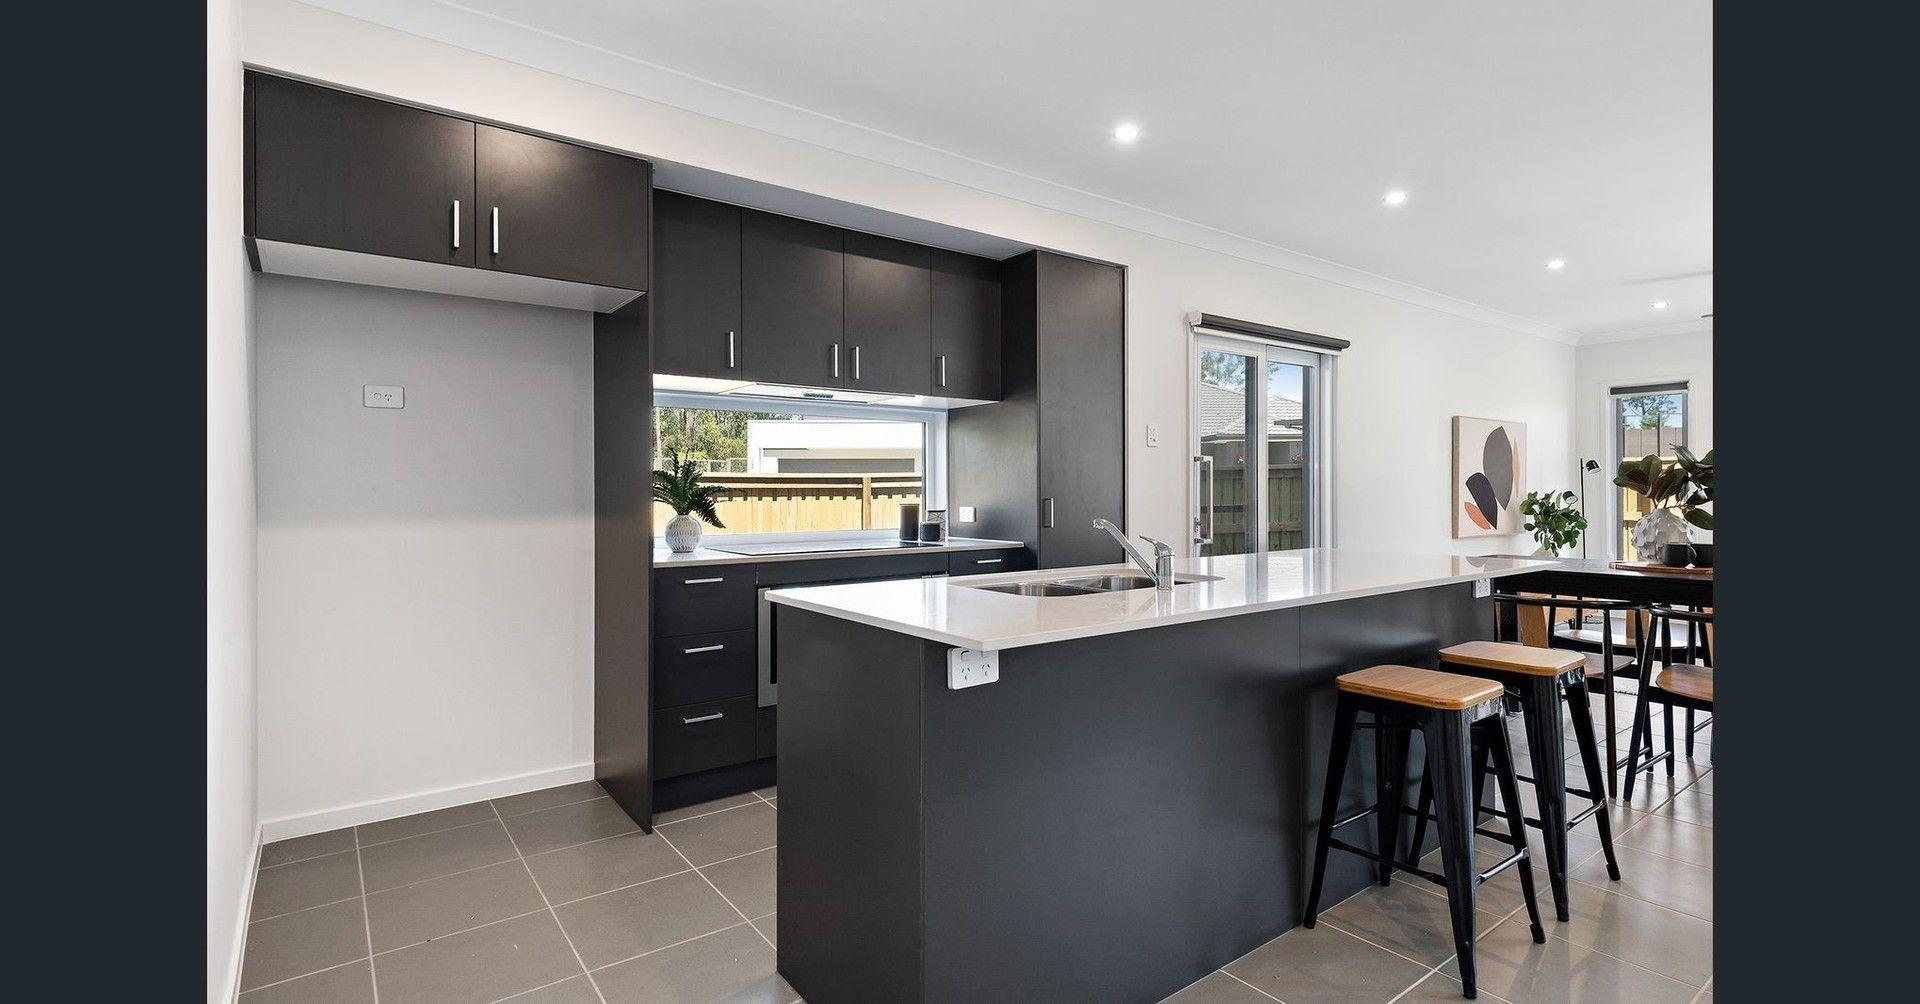 Flinders View QLD 4305, Image 0